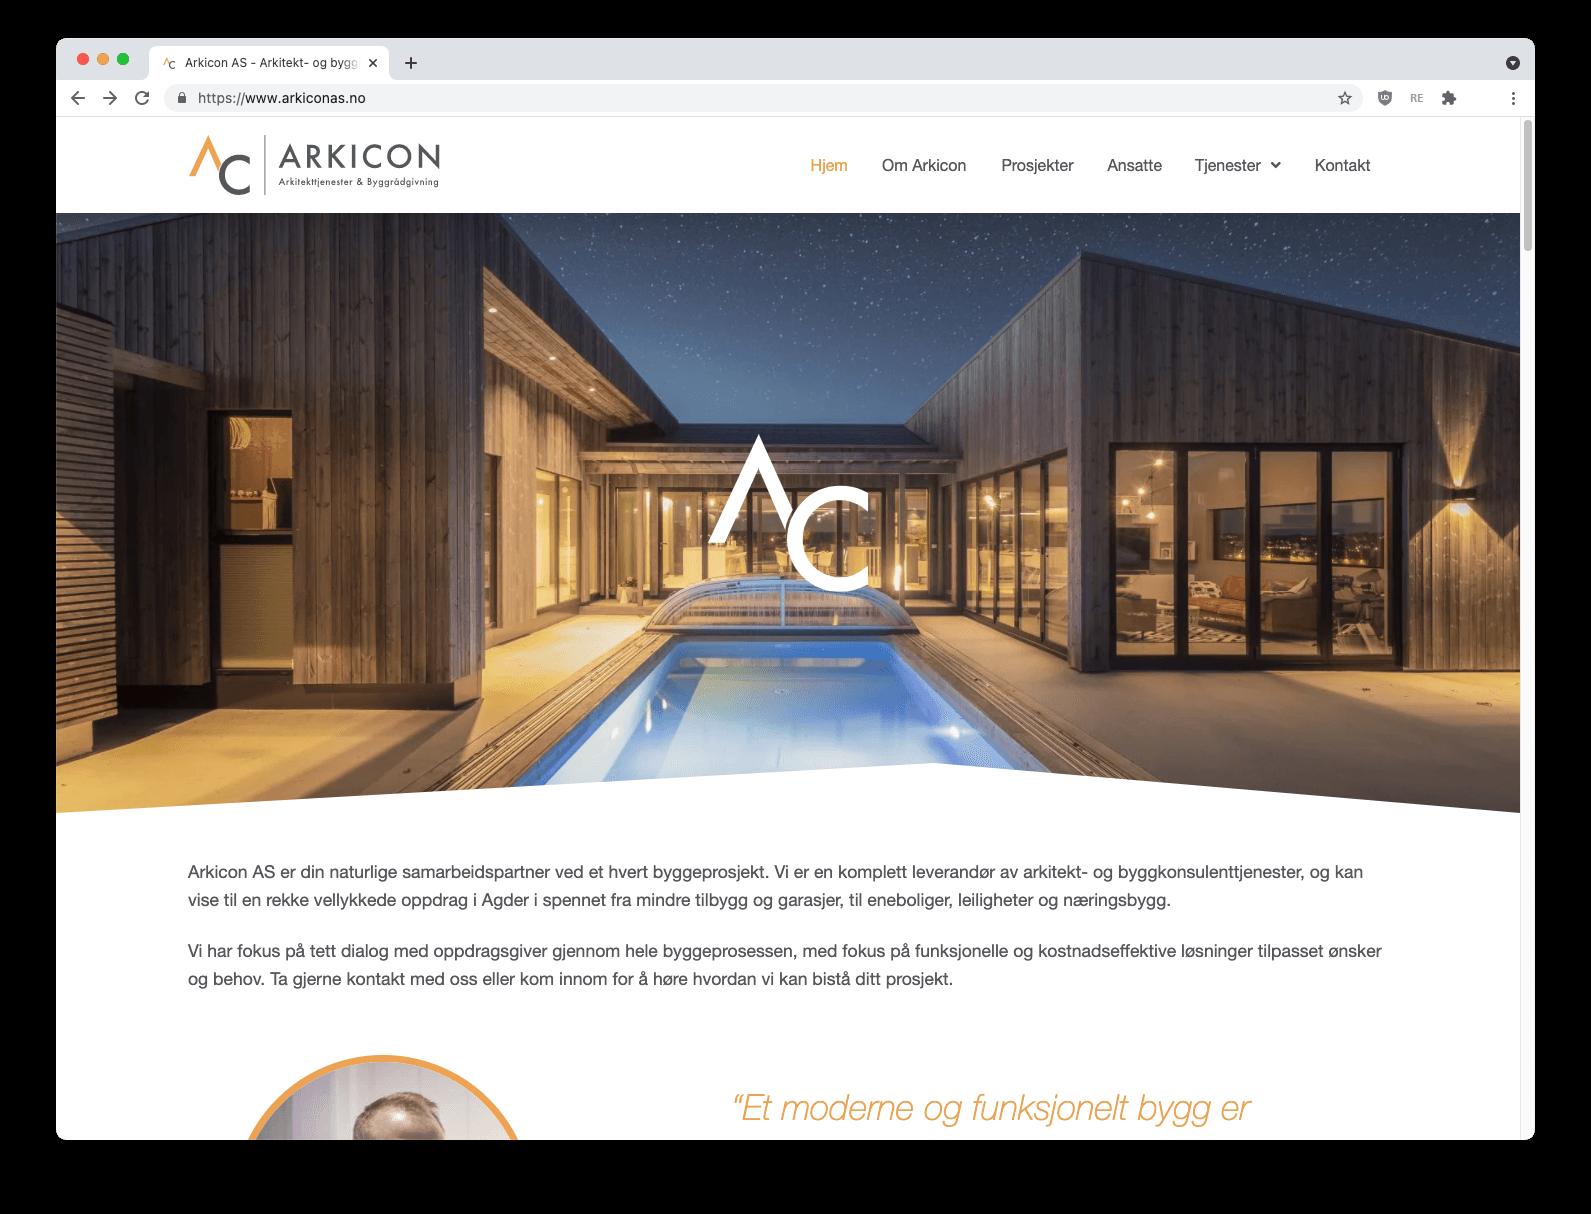 """Bilde til """"Arkicon arkitekt og byggeteknisk konsulentvirksomhet"""""""